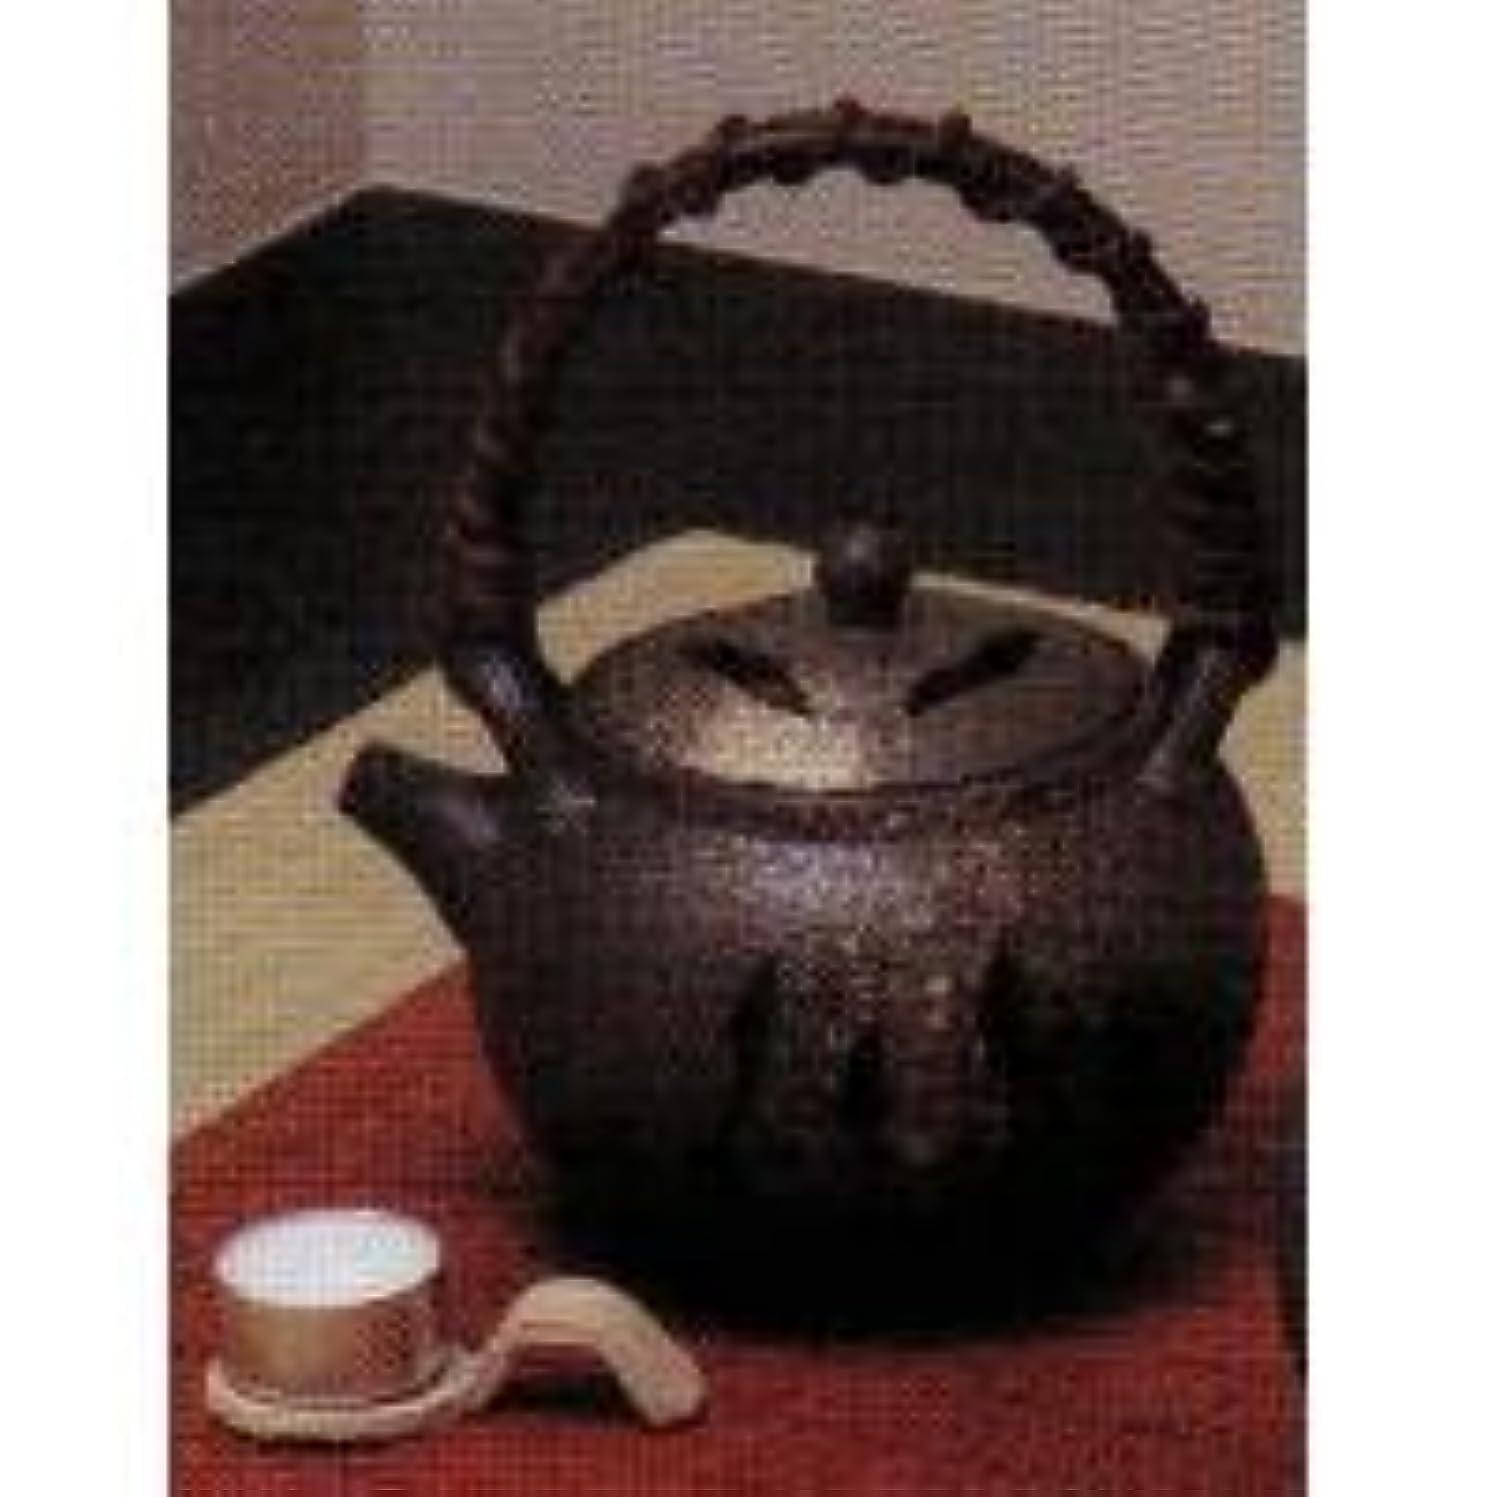 ナラーバー対角線ベックスSS-P6099-01 白窯肌土瓶型茶香炉(板付)